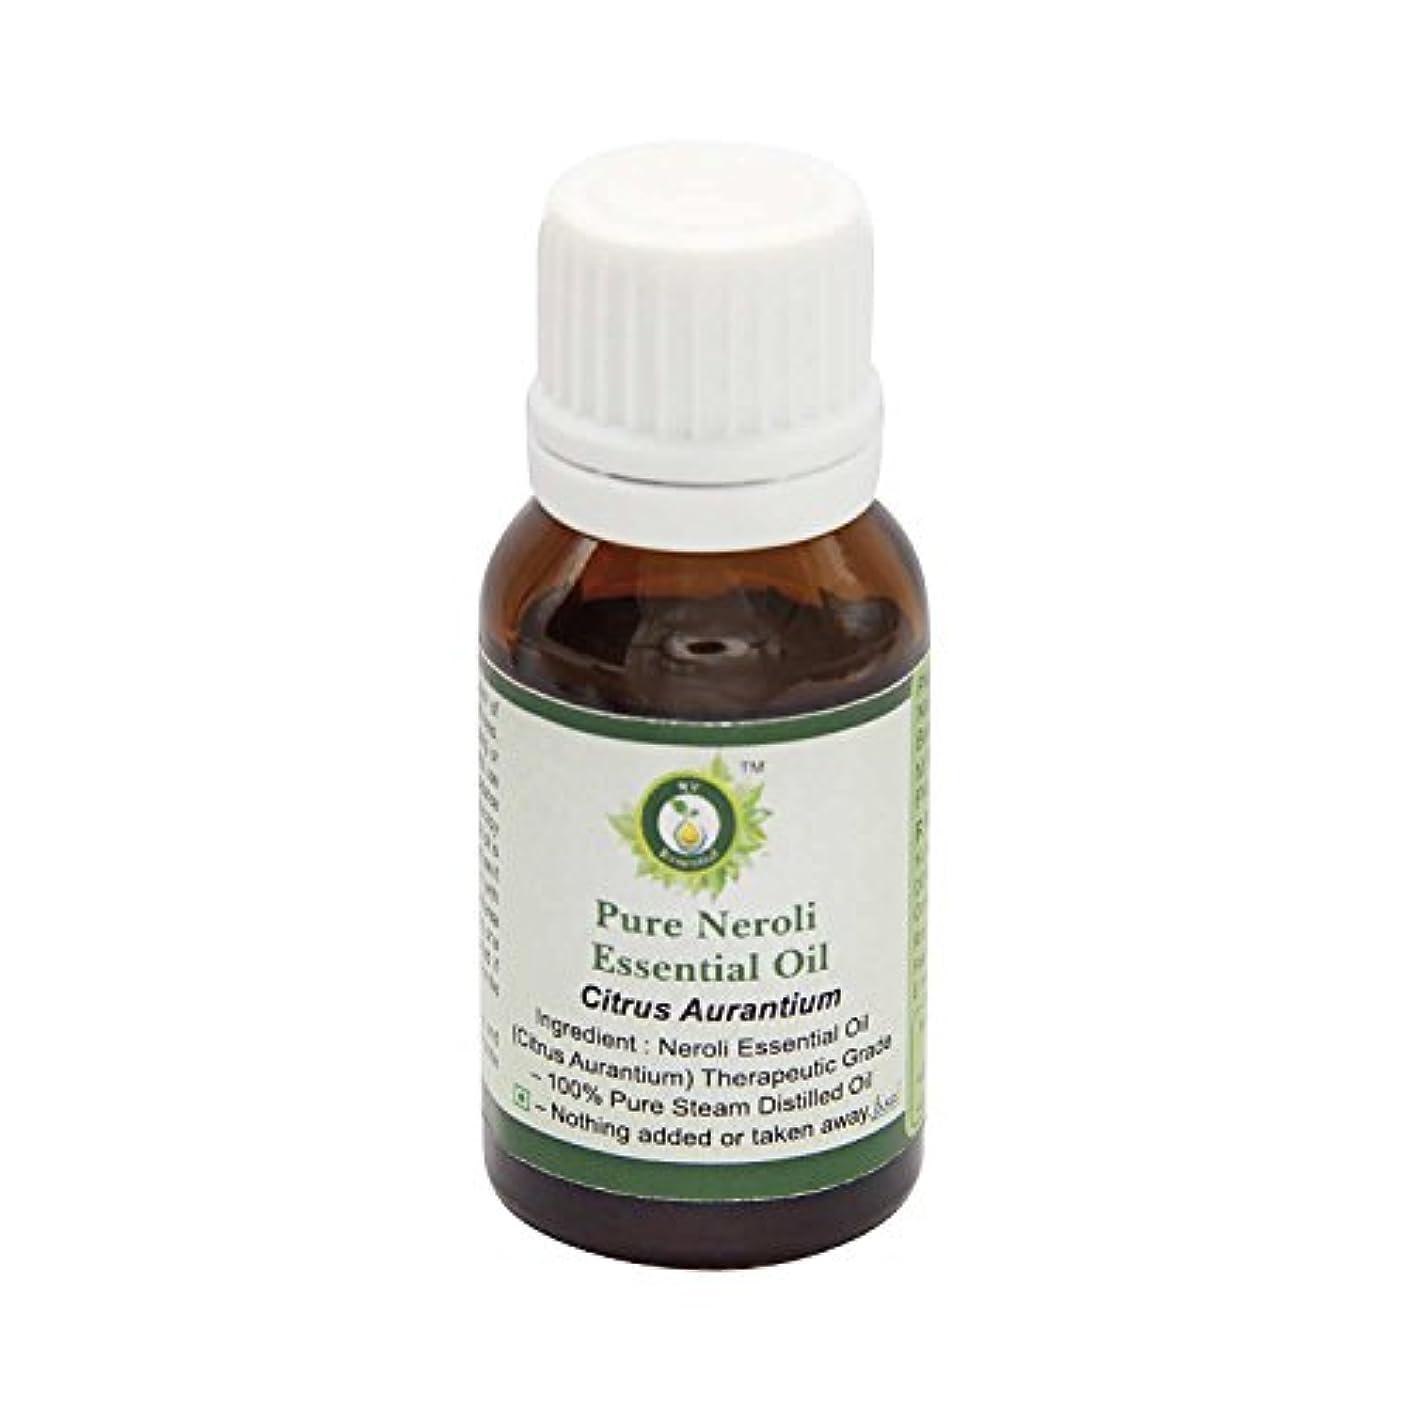 黒くするコンドーム条約R V Essential ピュアネロリエッセンシャルオイル10ml (0.338oz)- Citrus Aurantium (100%純粋&天然スチームDistilled) Pure Neroli Essential...